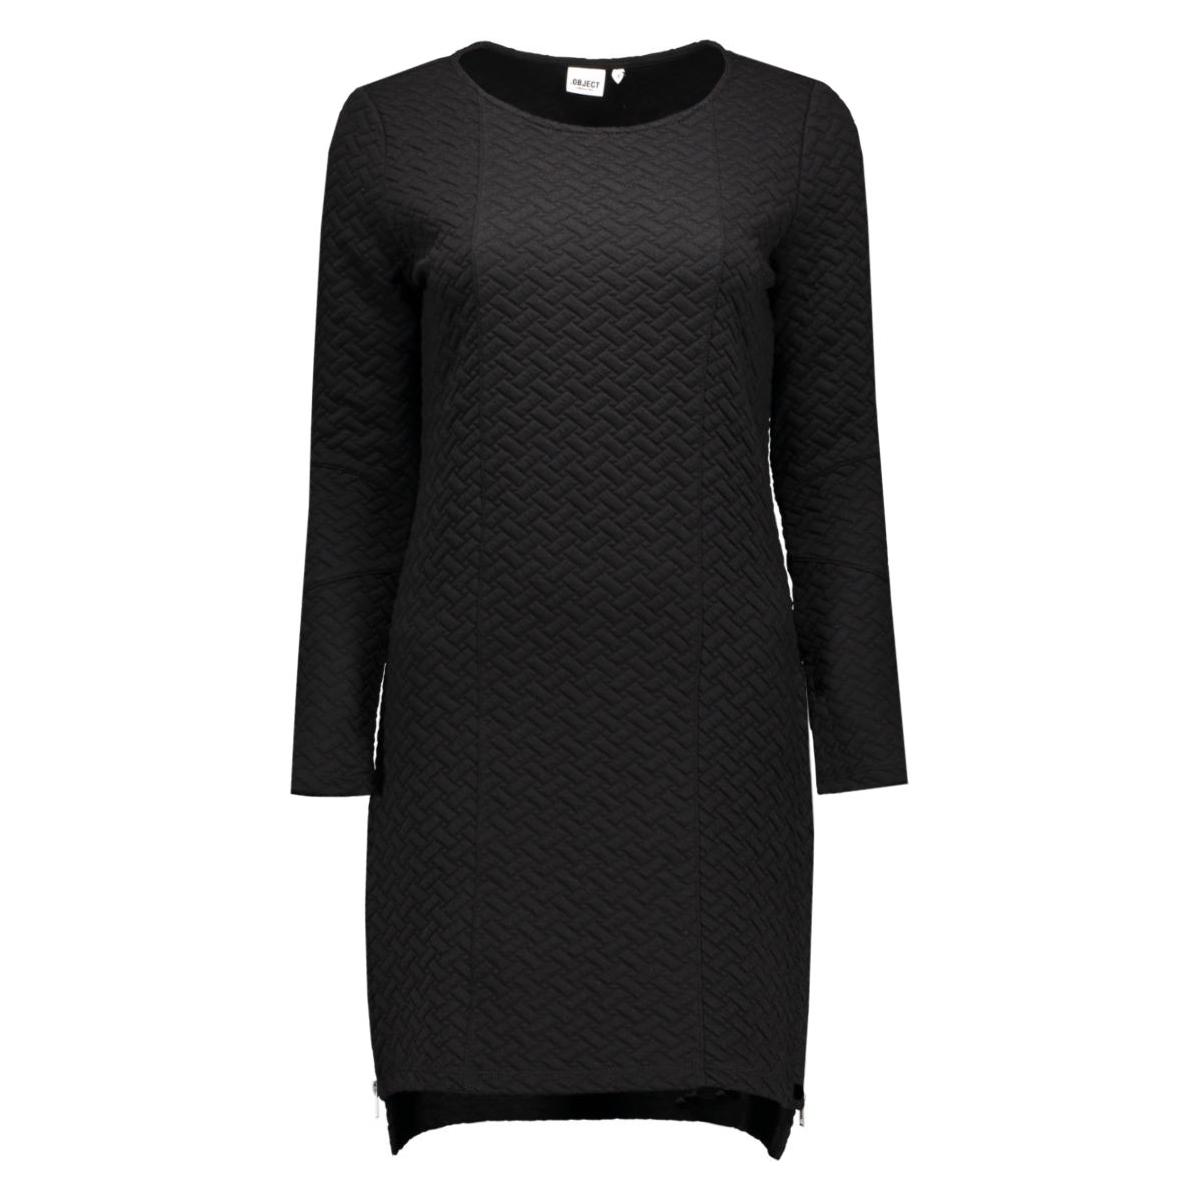 objcamden l/s sweat dress noos 23022852 object jurk black